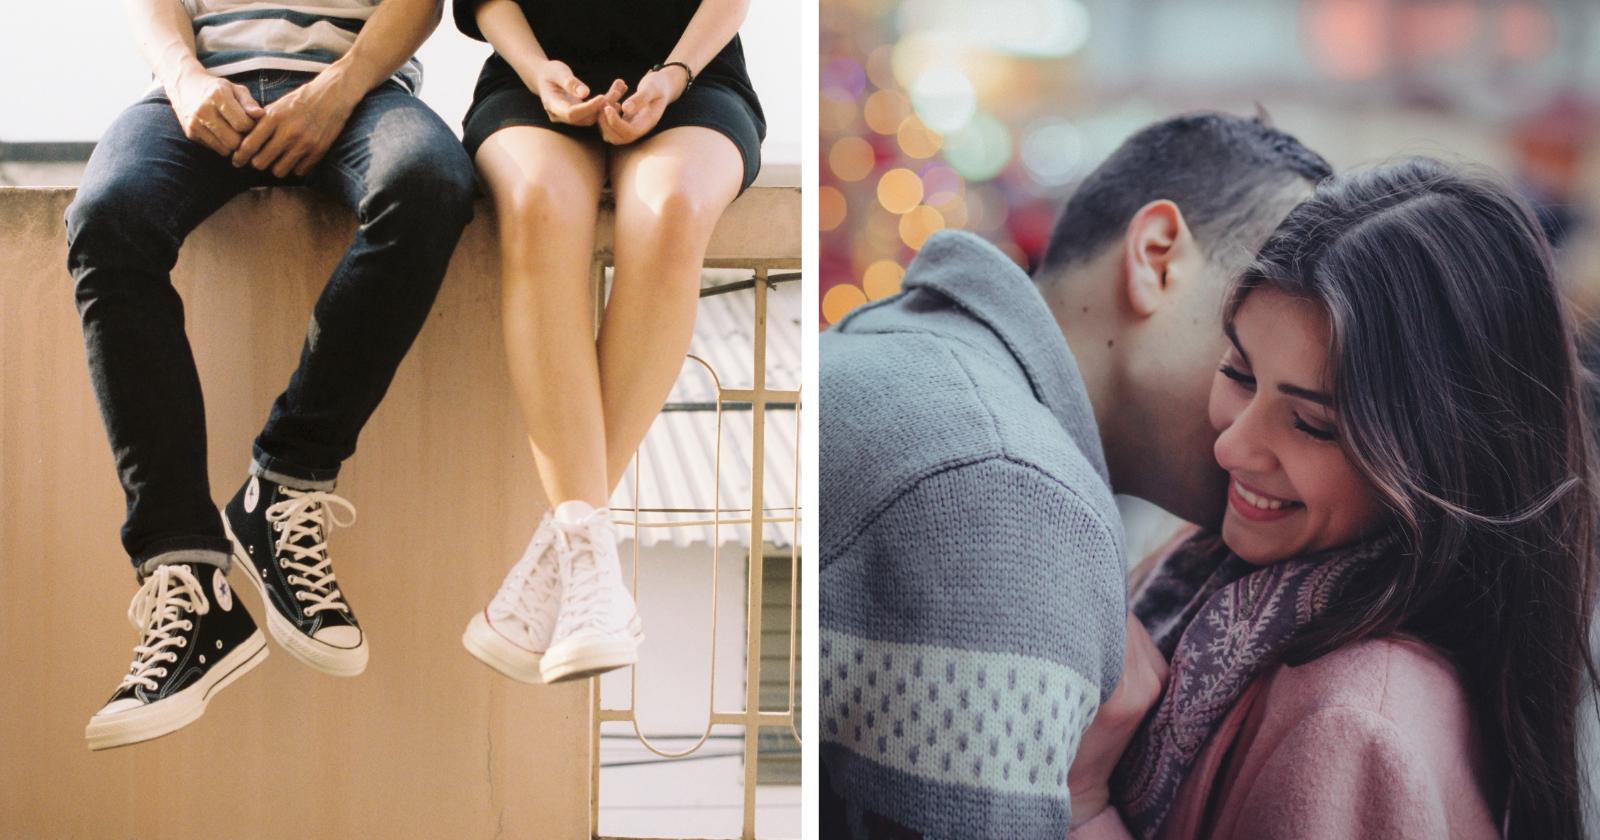 Vamos te dar 16 razões BÁSICAS para nunca desistir do amor!